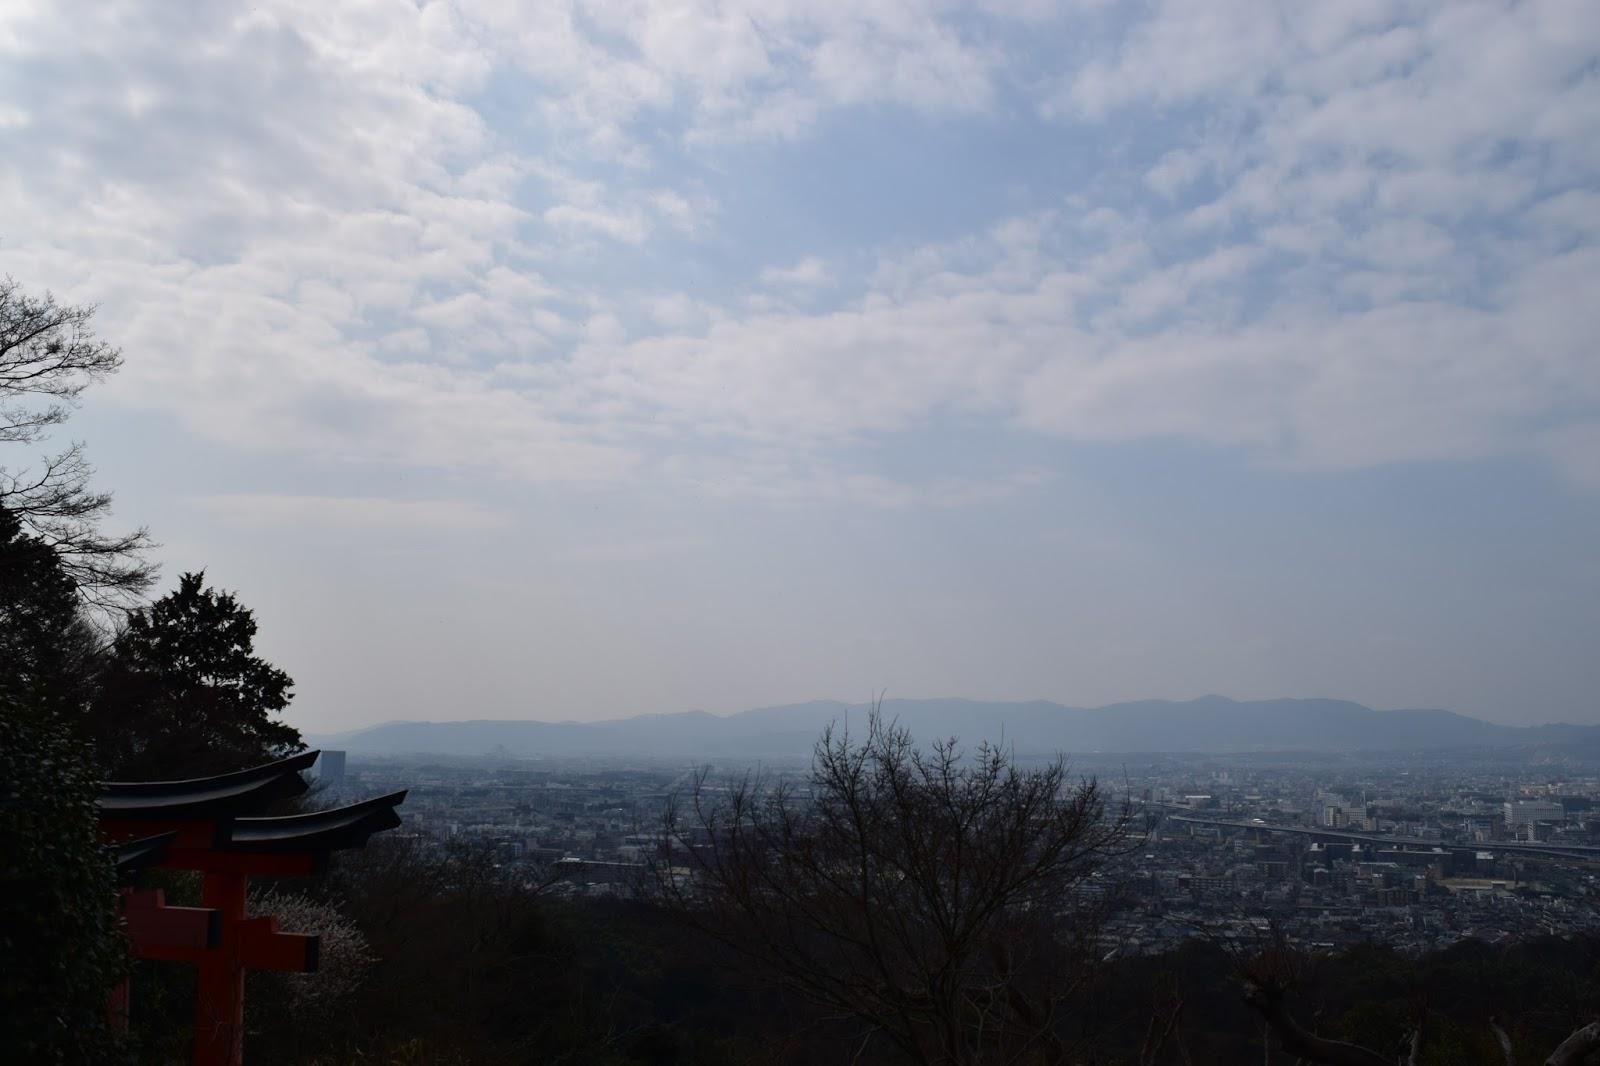 Inari Yama Kyoto view